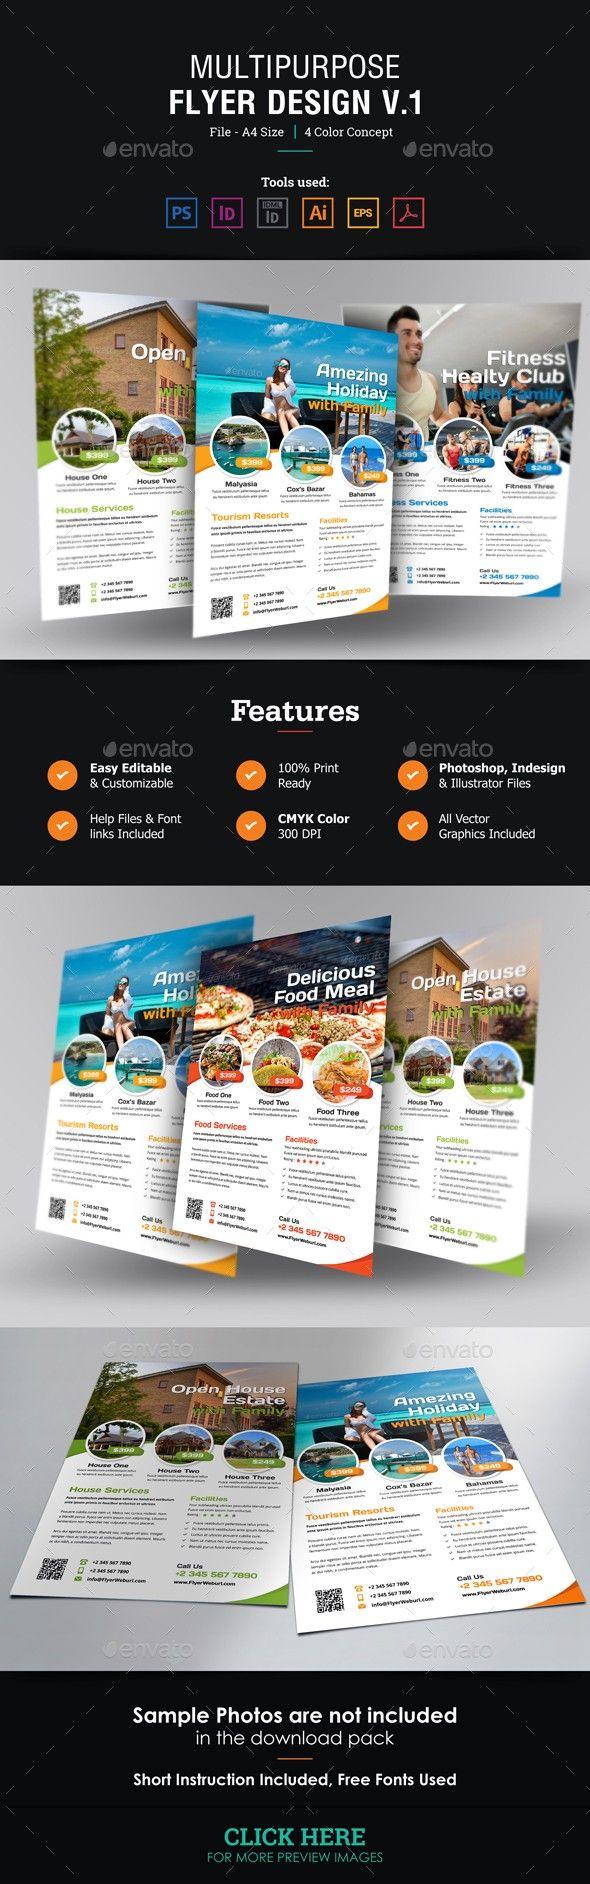 brochure design fitness brochure fitness center flyer fitness